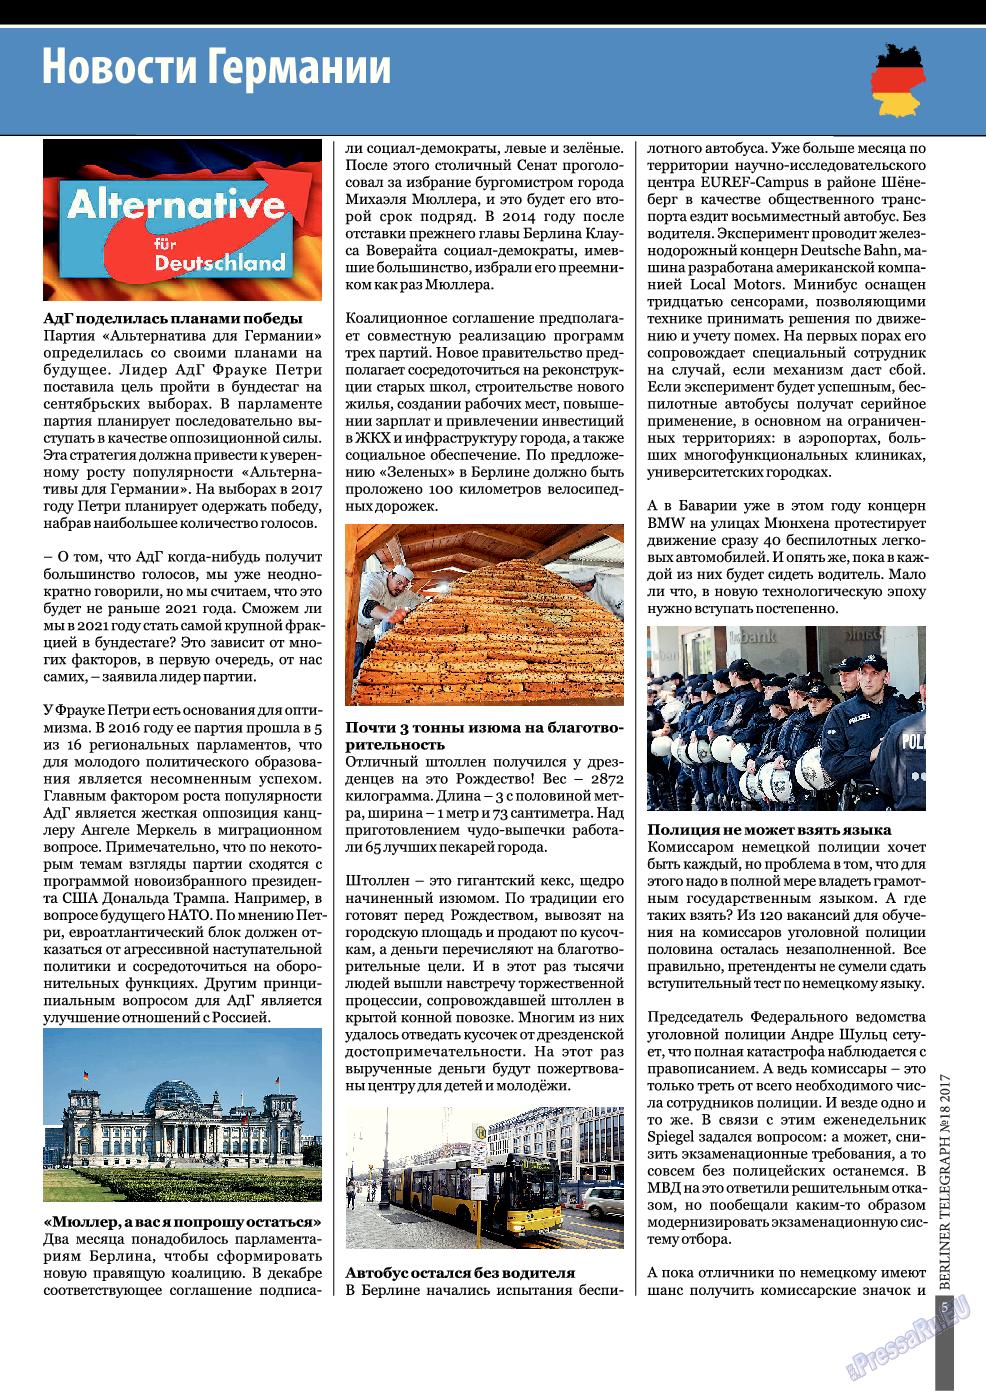 Берлинский телеграф (журнал). 2017 год, номер 18, стр. 5